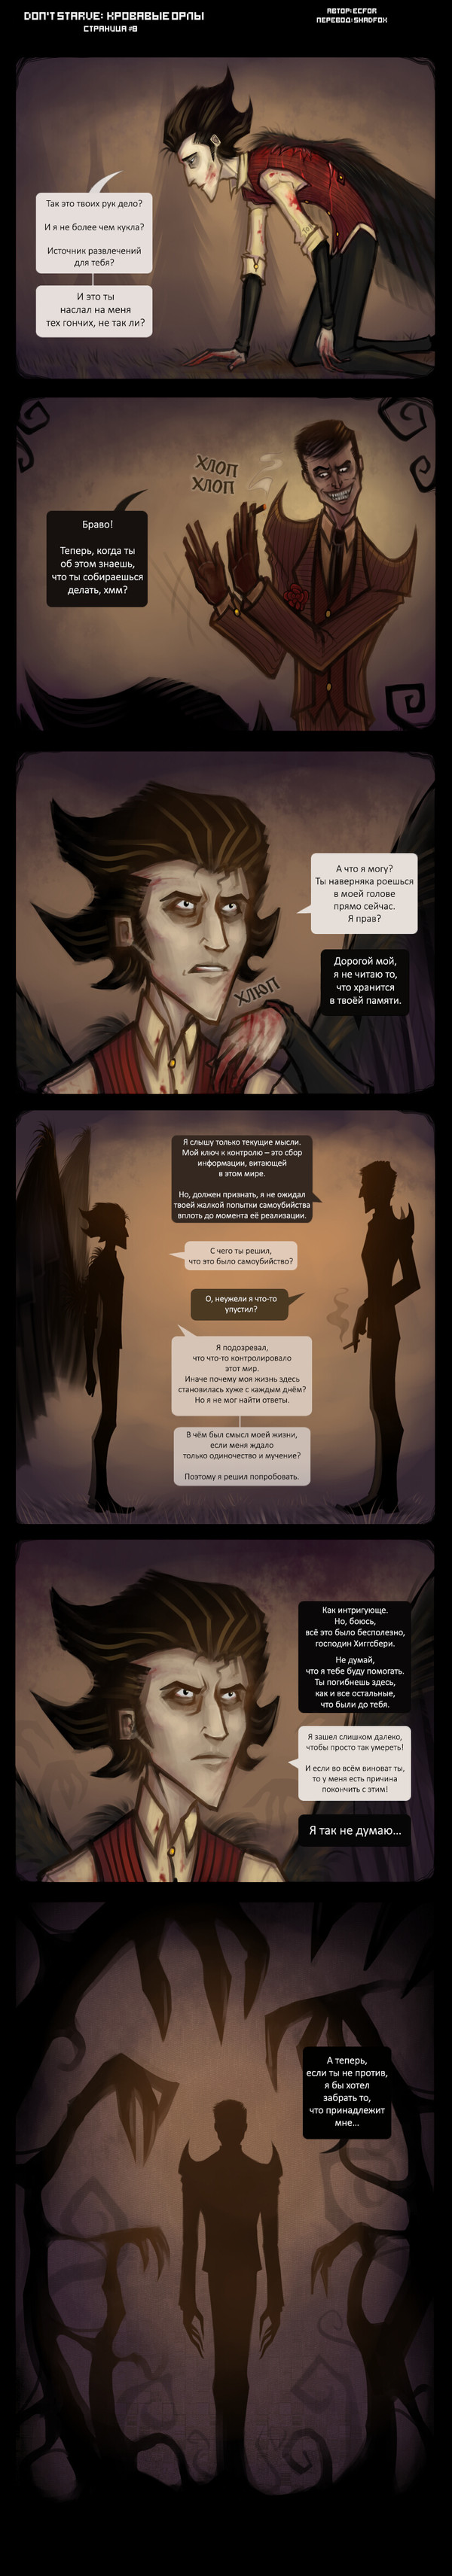 Don't Starve: Кровавые Орлы [Часть 8] Комиксы, Перевод, Ecfor, Dont Starve, Blood Eagles, Длиннопост